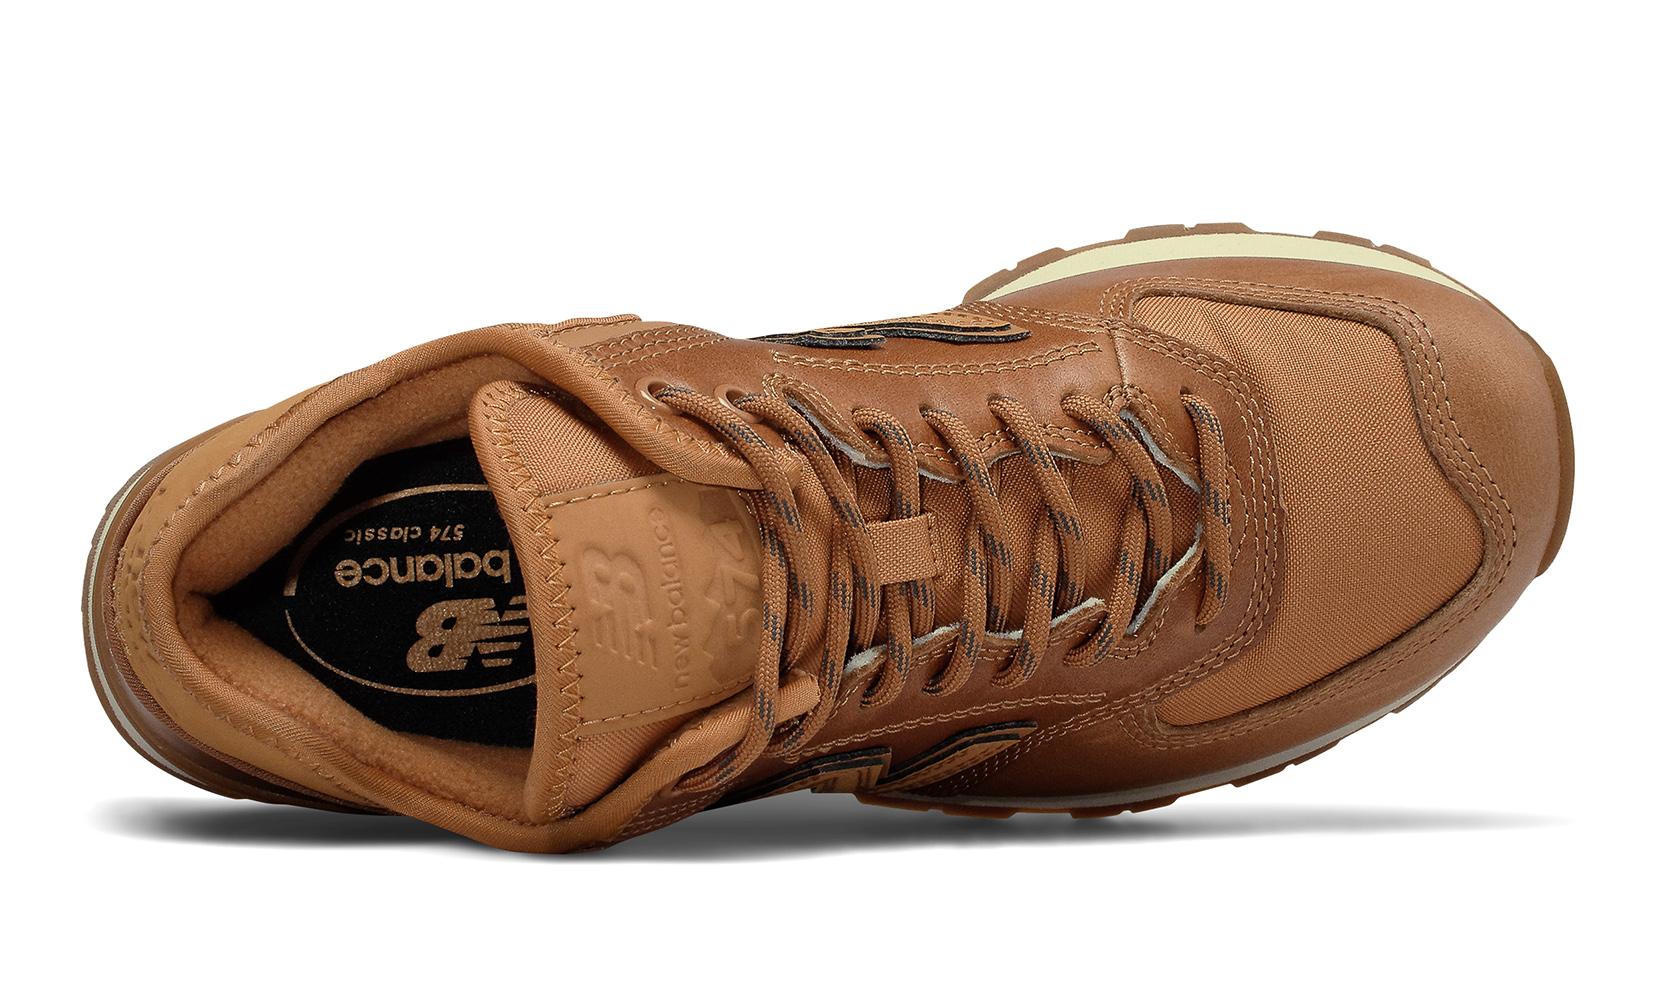 Жіноче взуття повсякденне New Balance 574 Mid WH574BD | New Balance